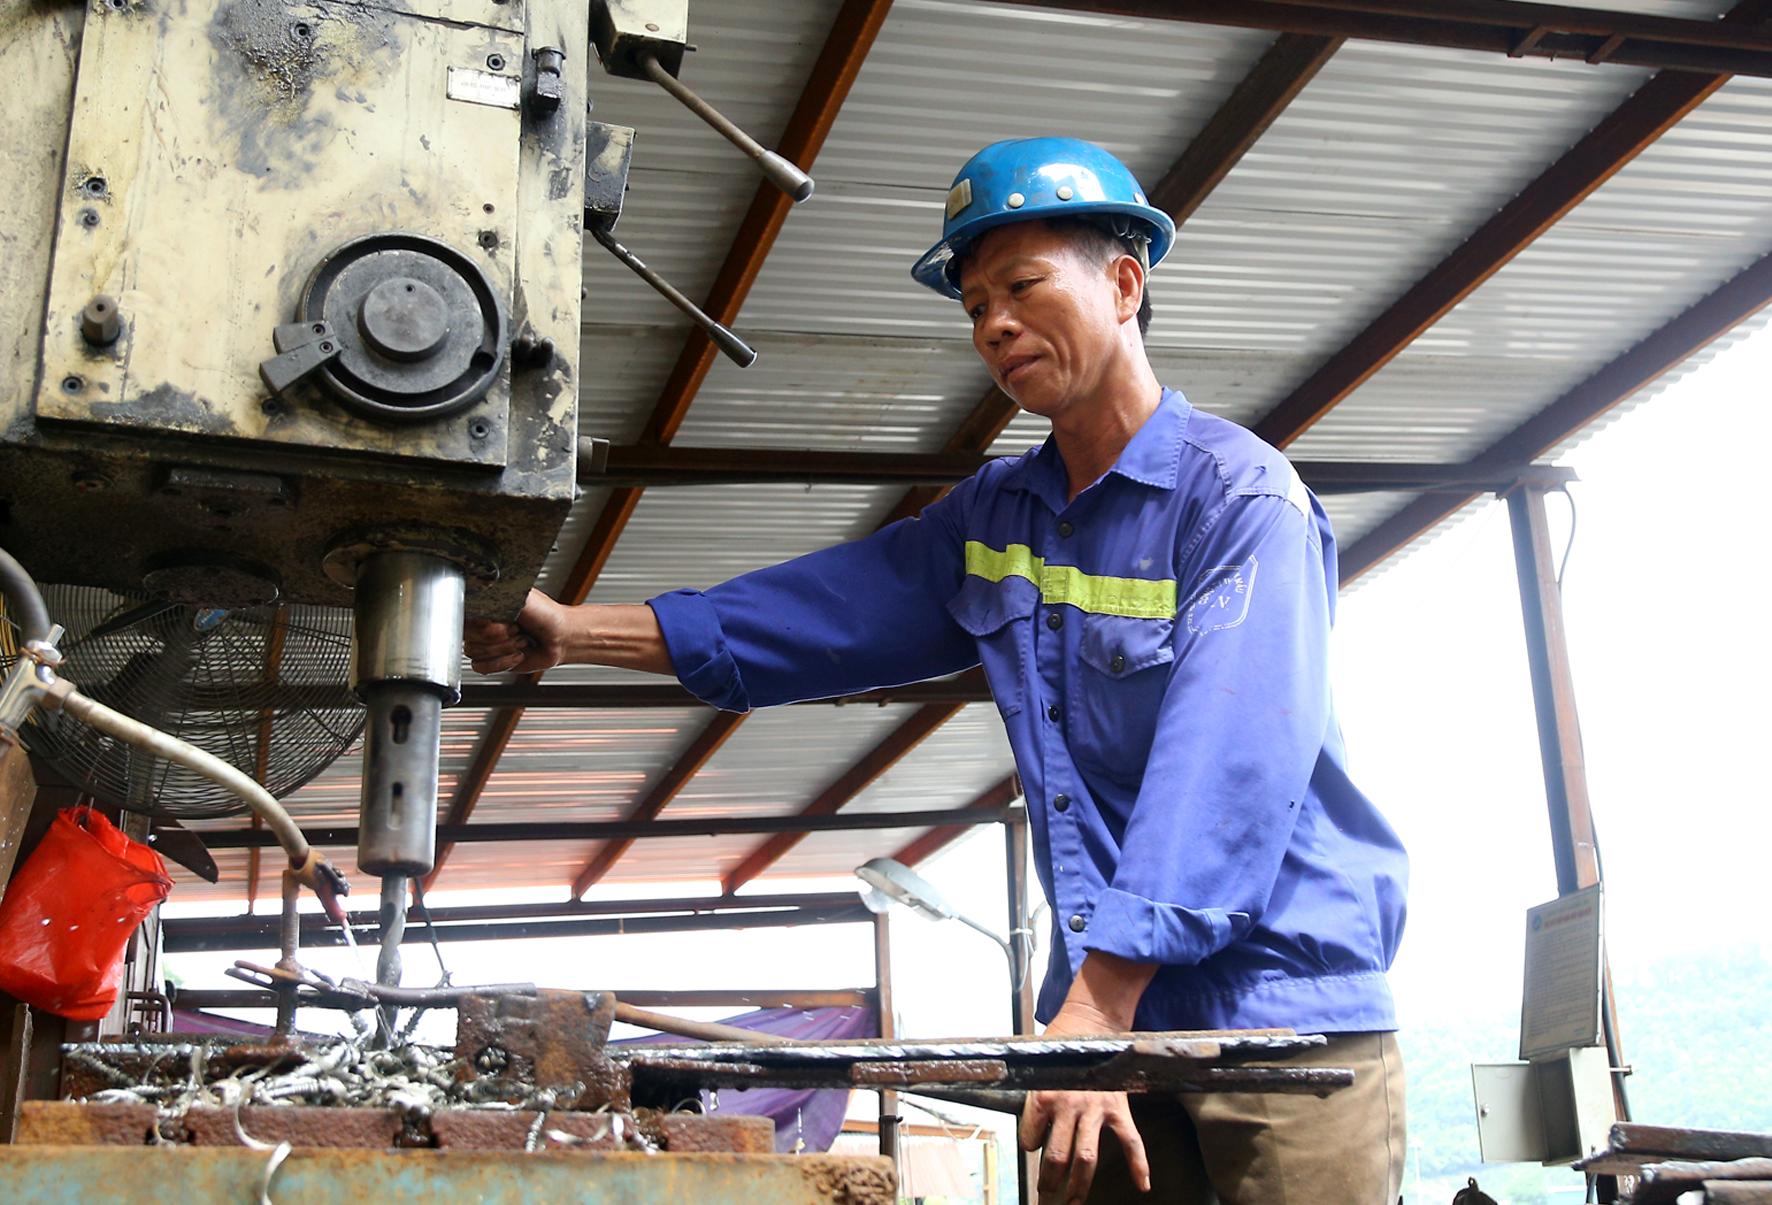 Tái sử dụng vật tư thu hồi để giảm chi phí sản xuất tại Than Nam Mẫu (2)